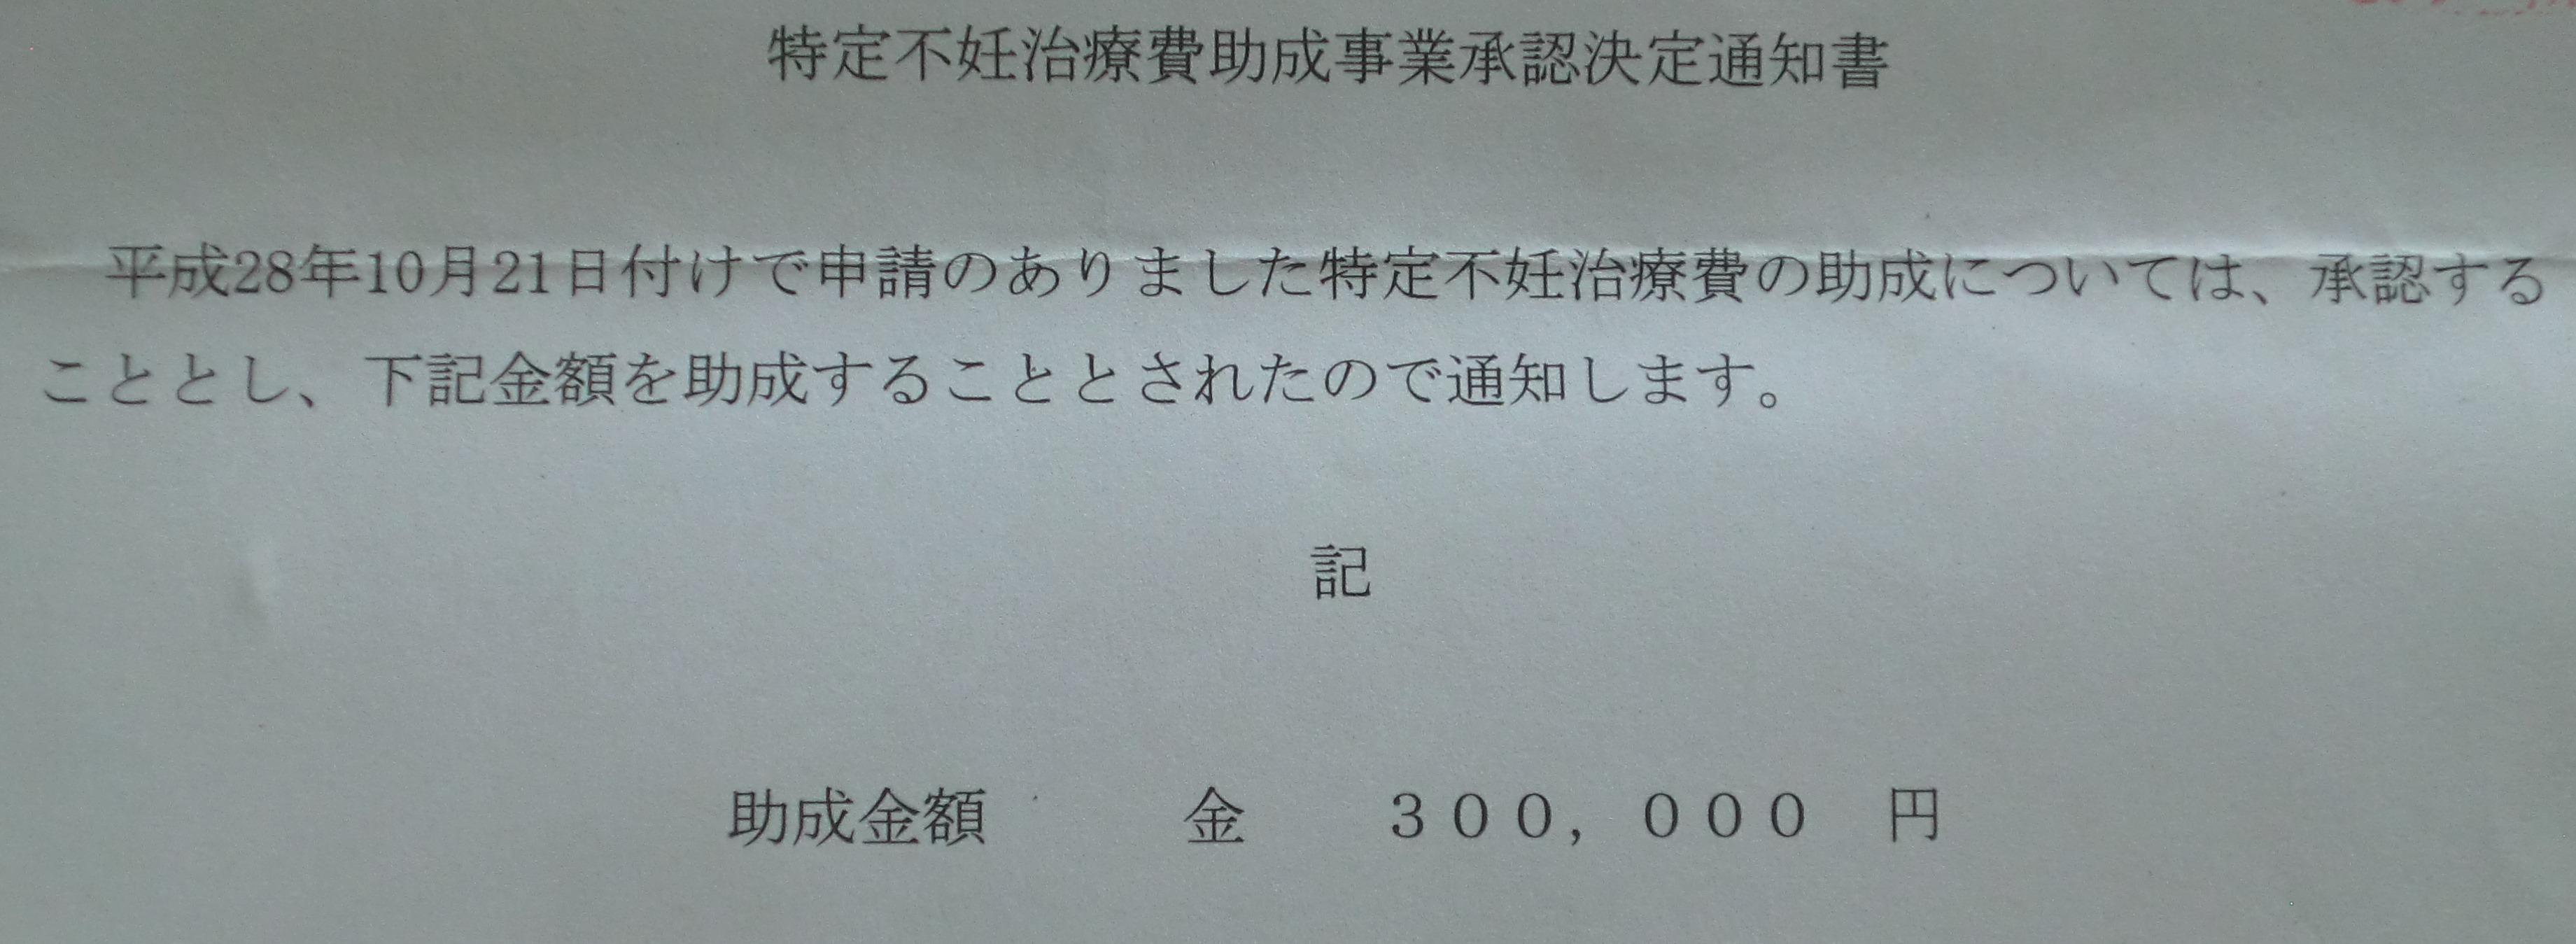 30万円助成された!特定不妊治療助成金を申請しました。